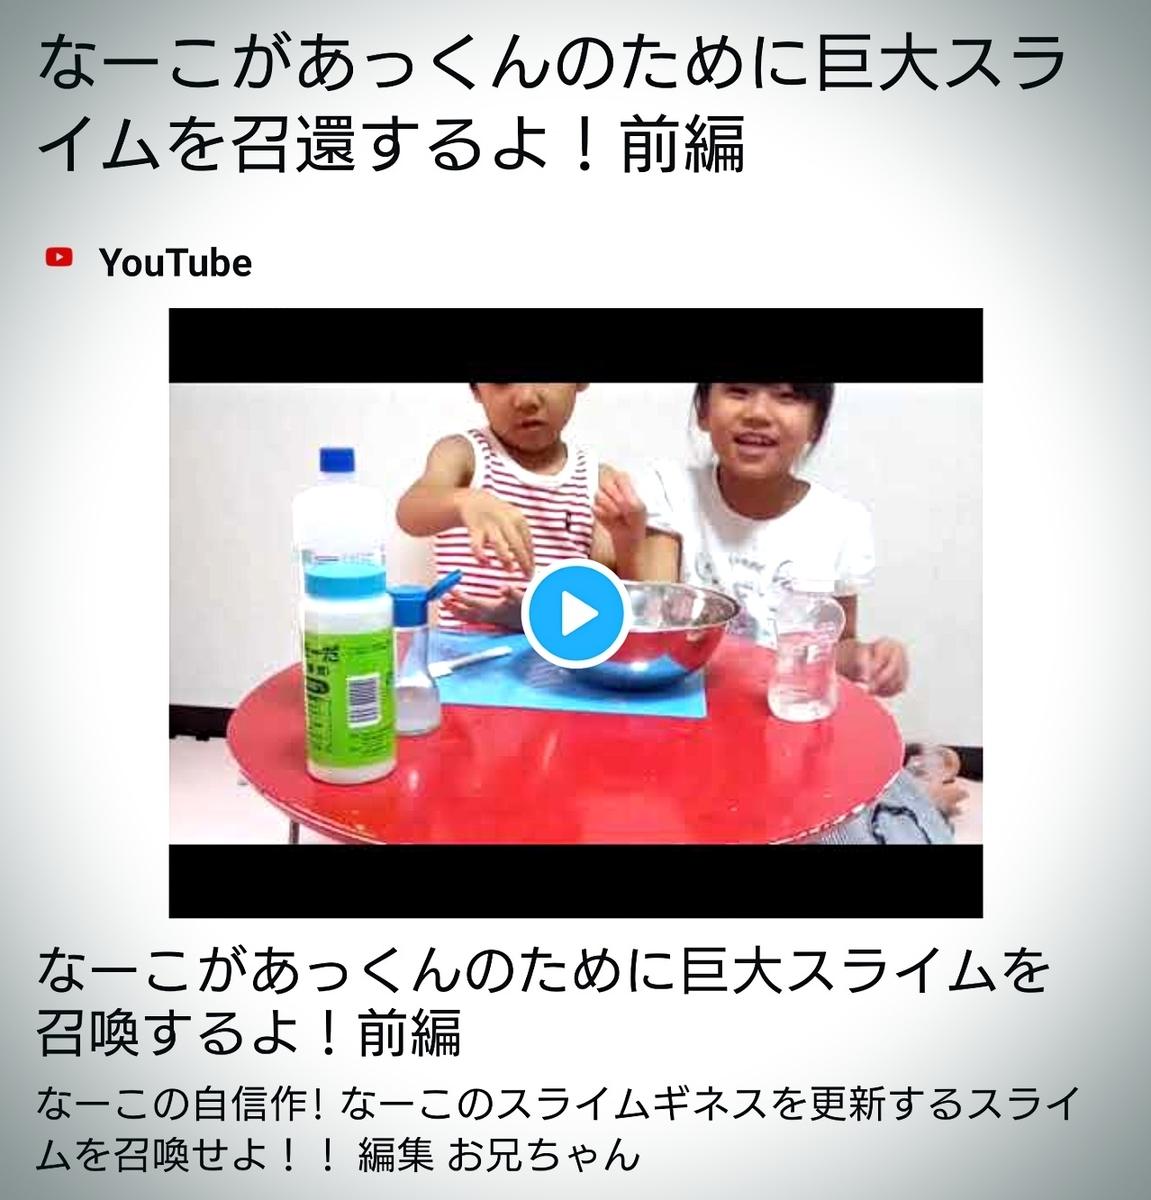 f:id:hd_murakami:20200906080928j:plain